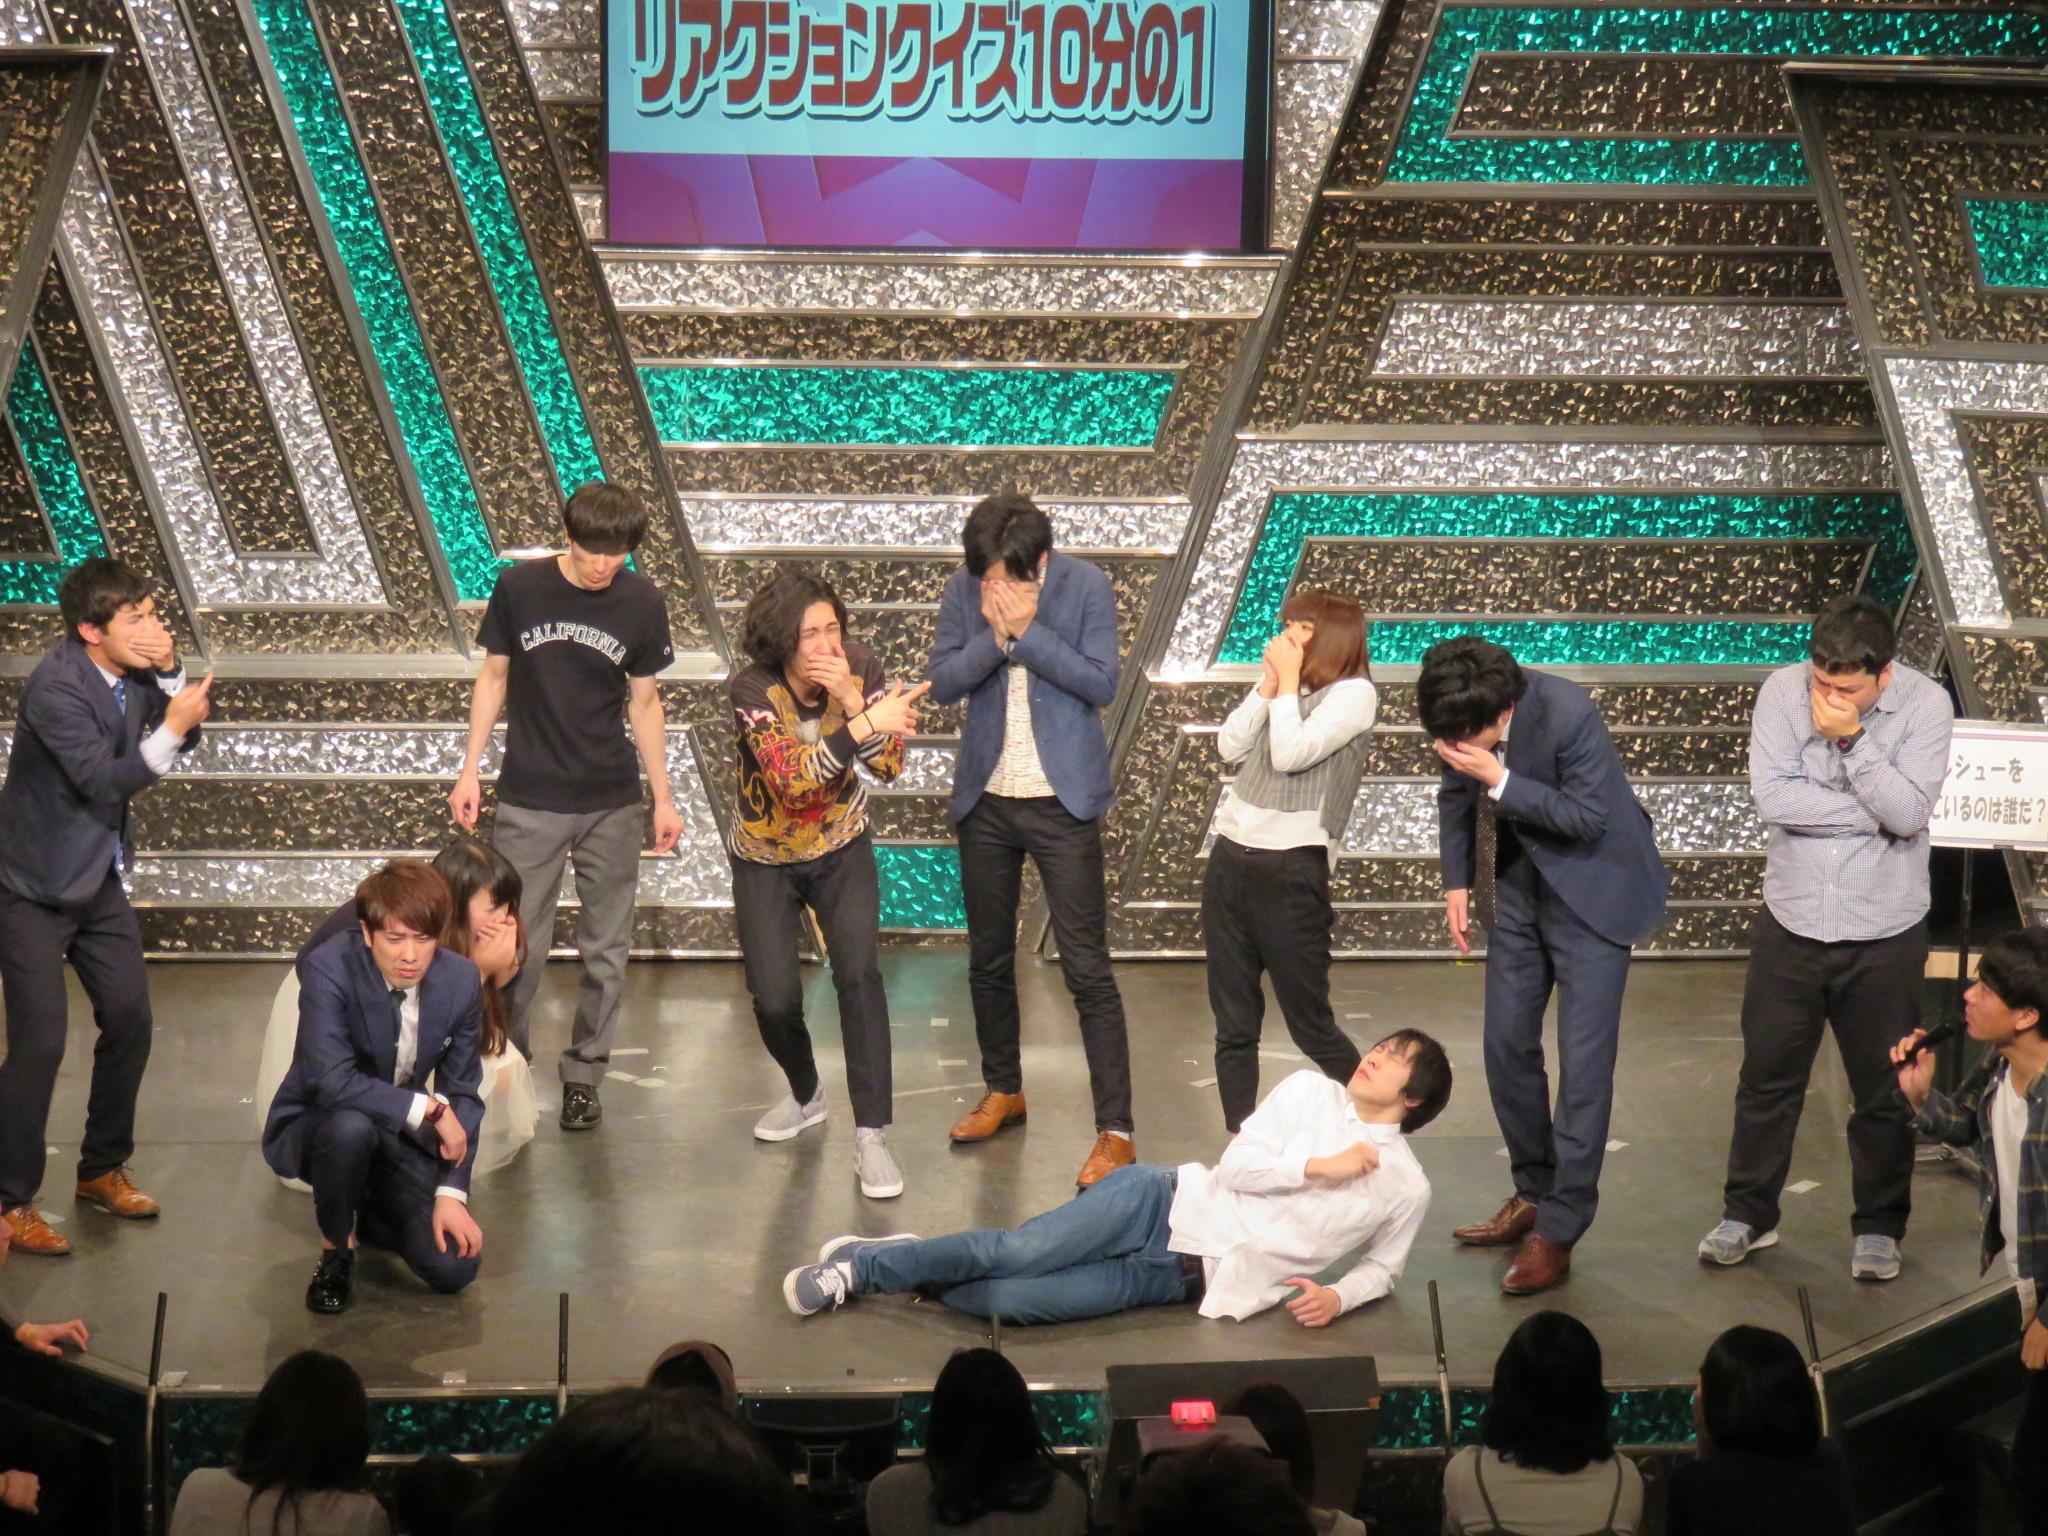 http://news.yoshimoto.co.jp/20160229162954-f88b9bb21ef03a7982271a7fee184c949c7f6fb3.jpg